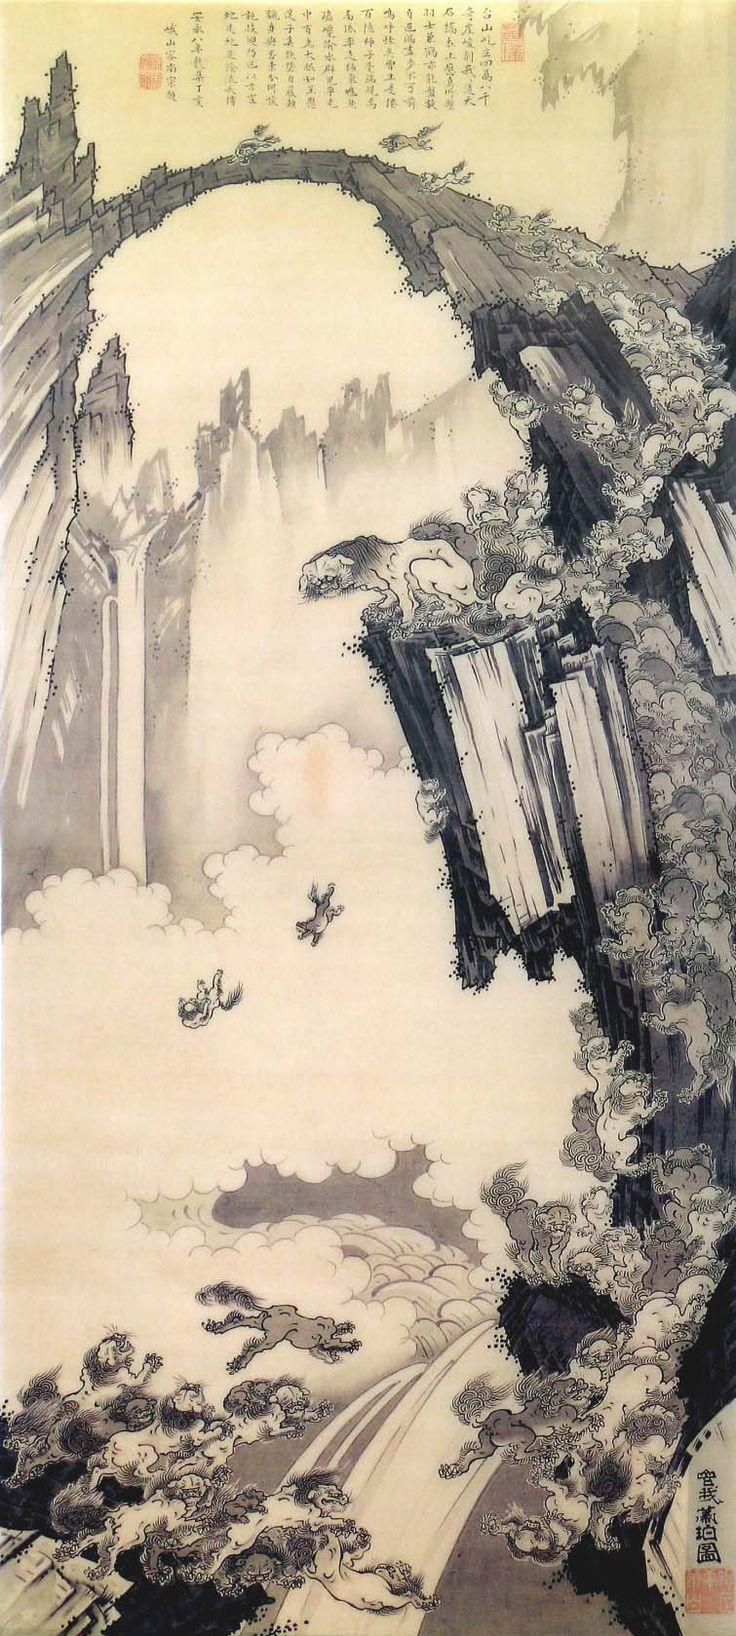 SOGA Shohaku (1730-1781), Japan 曽我蕭白「石橋図」